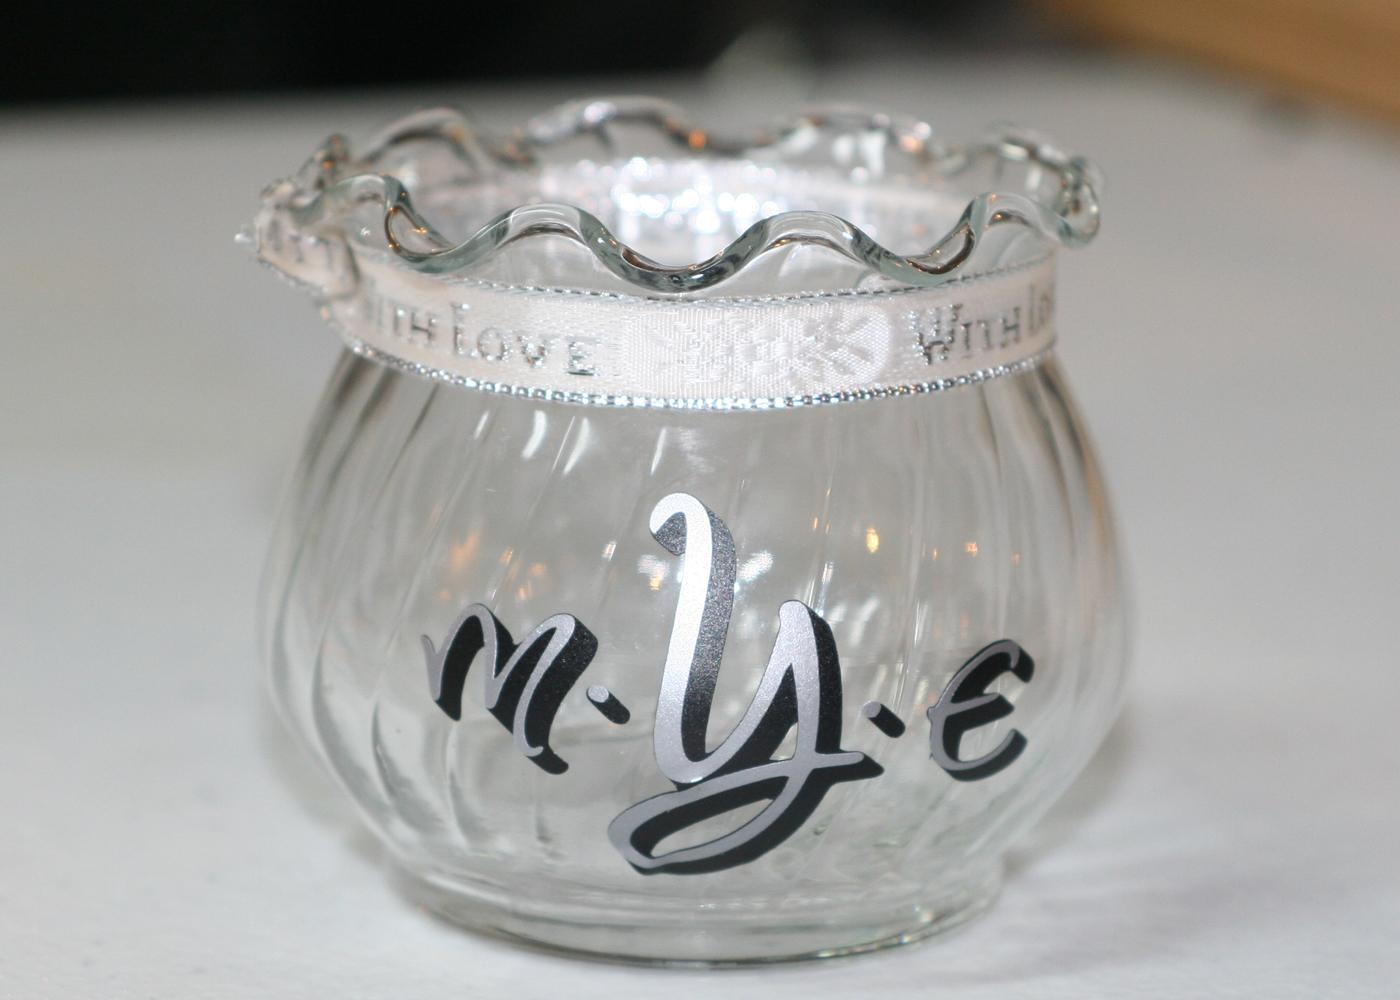 monogram-vinyl-lettering-with-dots-for-jars-glasses.jpg